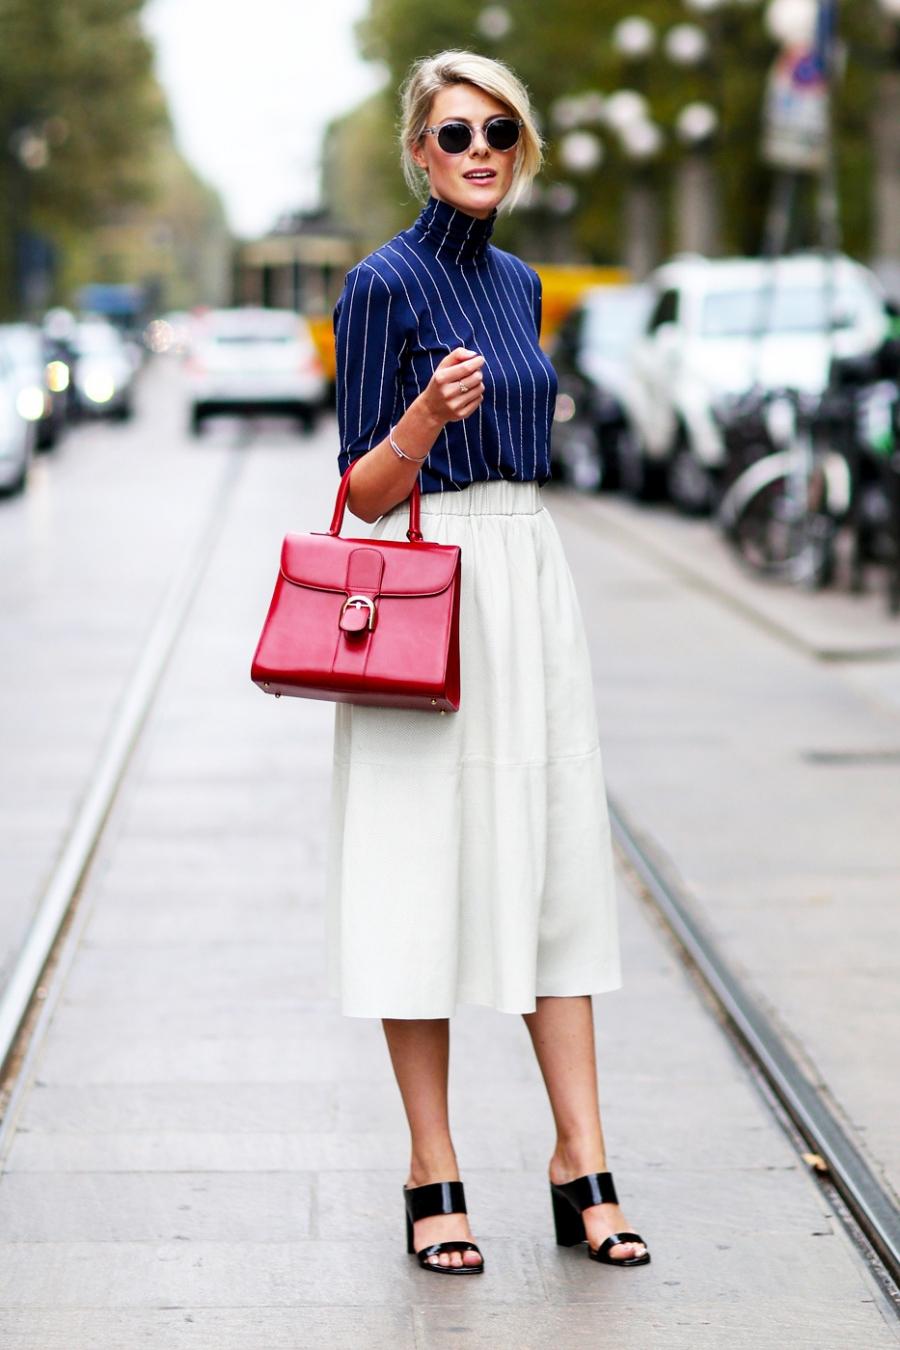 Желающие ярких перемен в жизни, но не готовые так сразу начать новую жизнь, наш совет – начните с малого. Купите красную сумку.